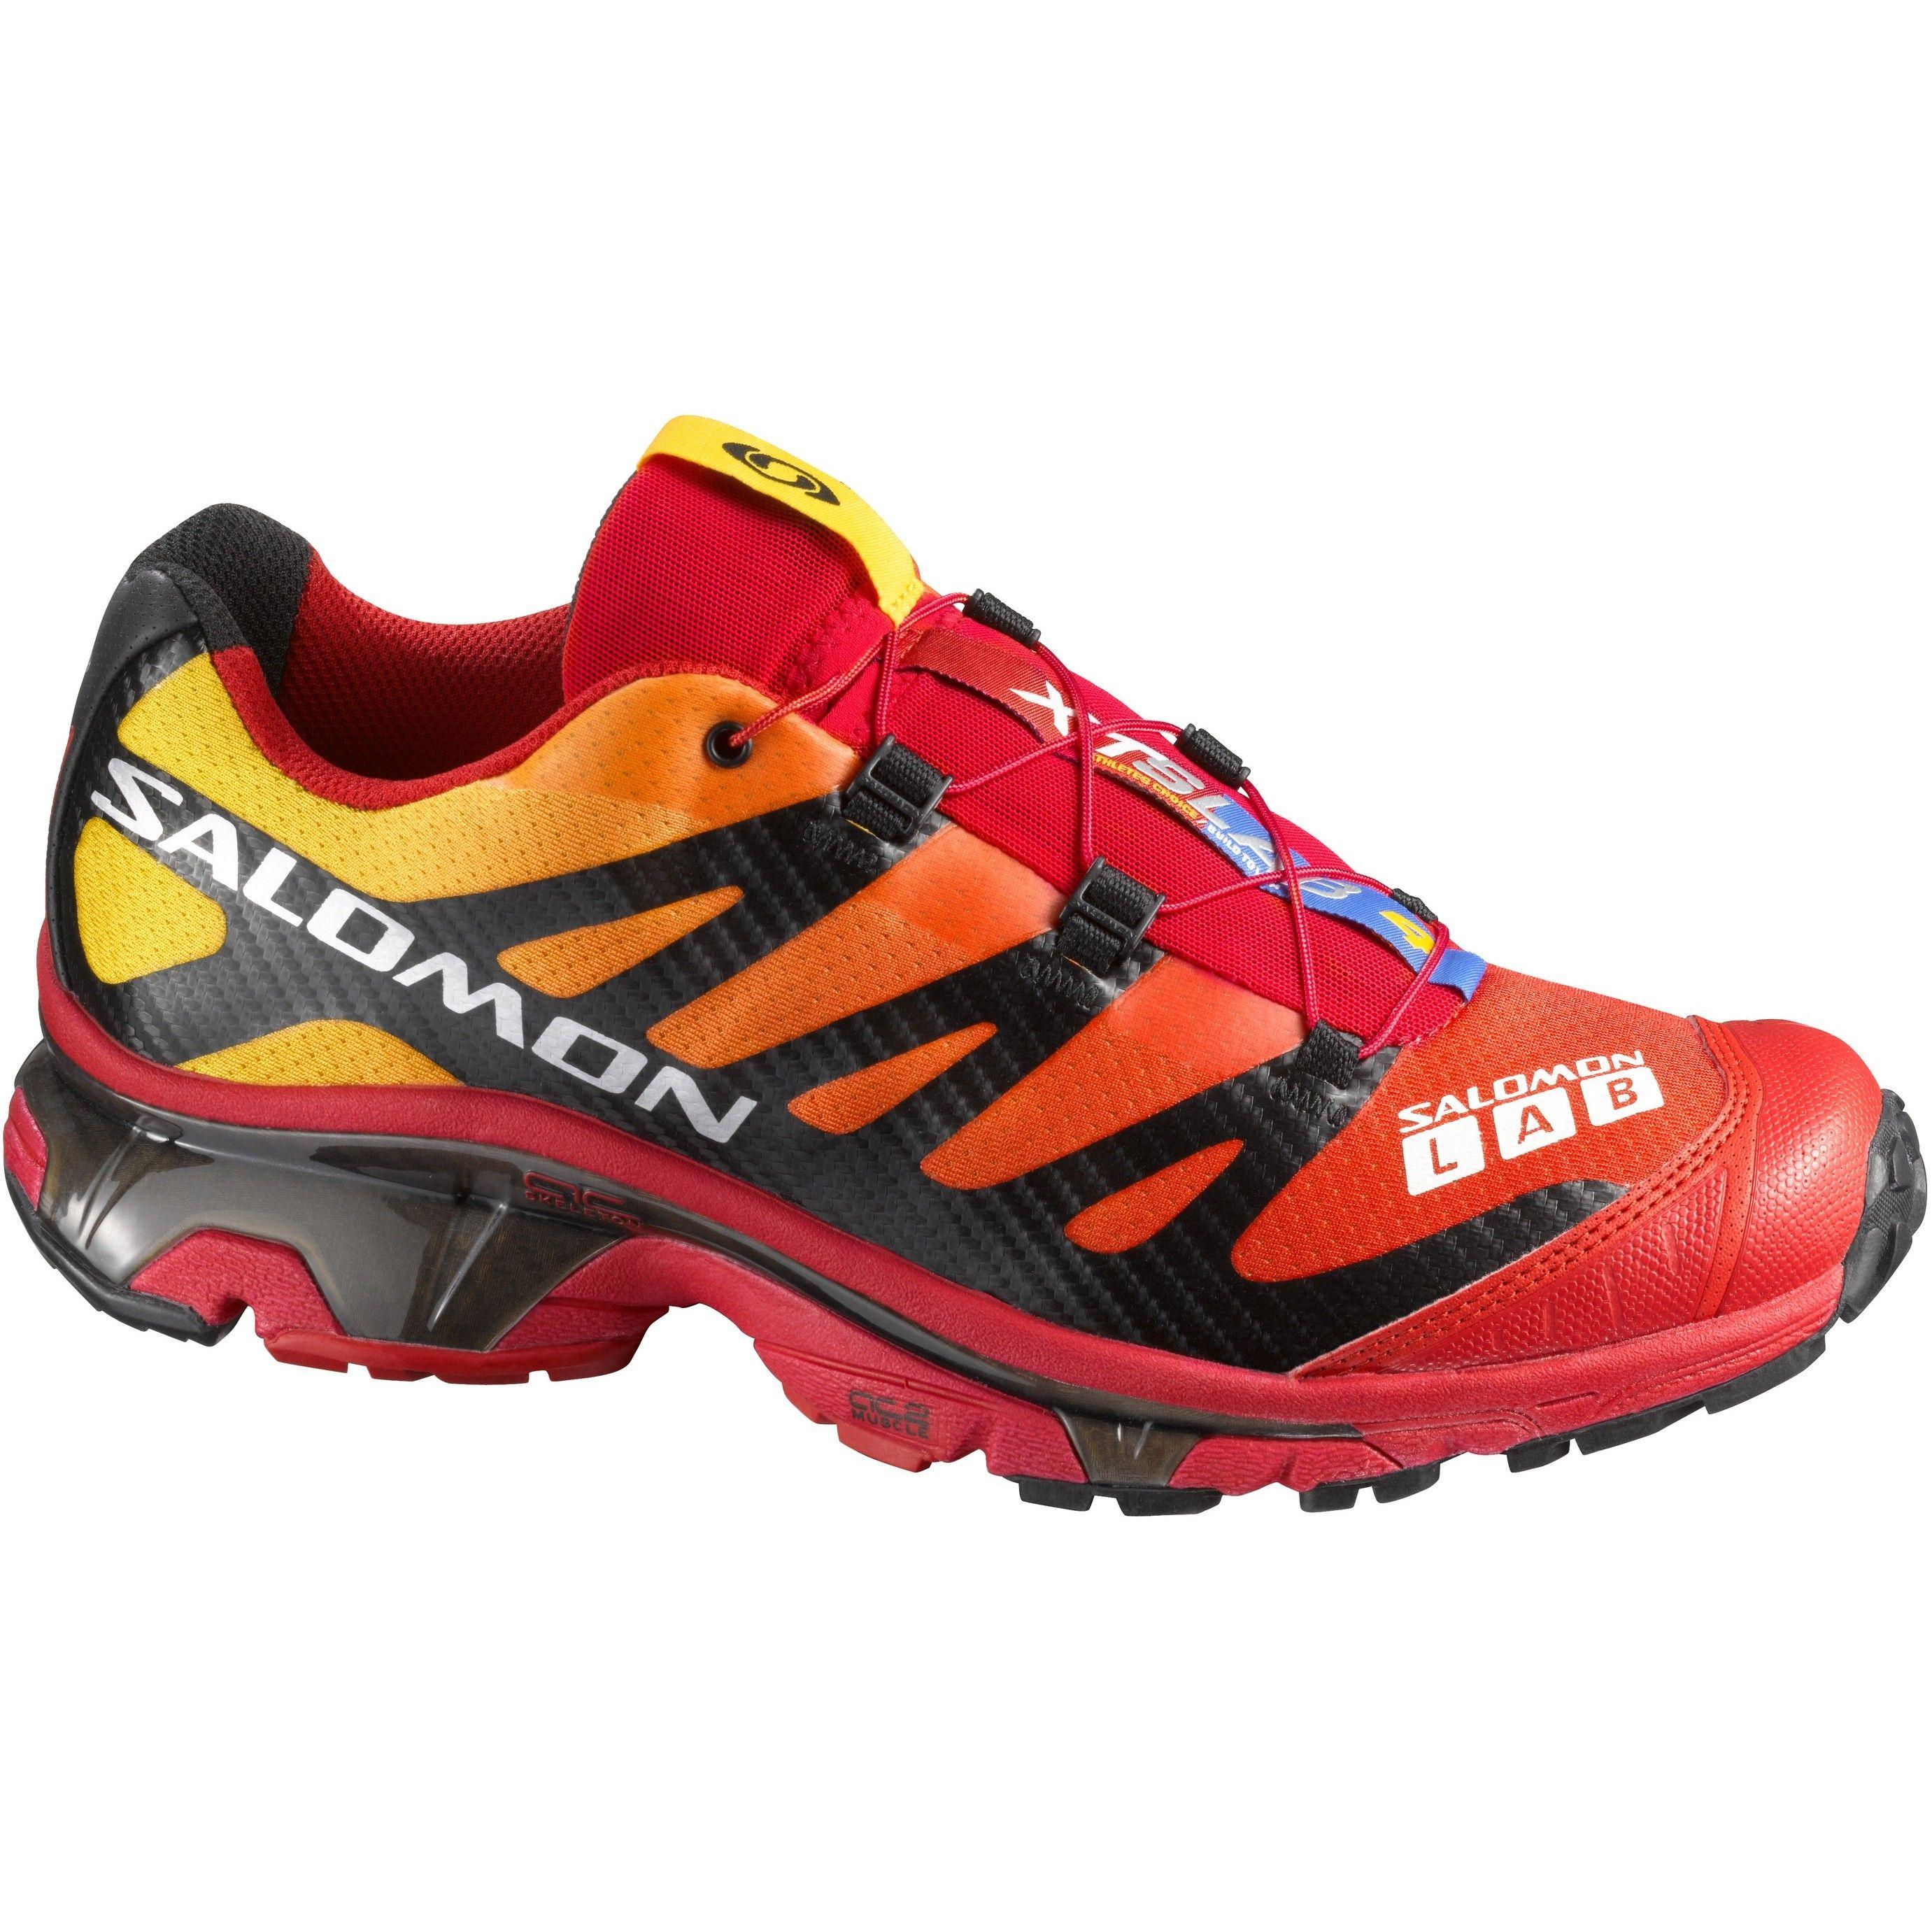 Ein von Wettkämpfern konzipierter Trail Racing Schuh für maximale Agilität bei Trail Running Wettkämpfen. Mit asymmetrischer Schaftkonstruktion für verbesserte Passform.